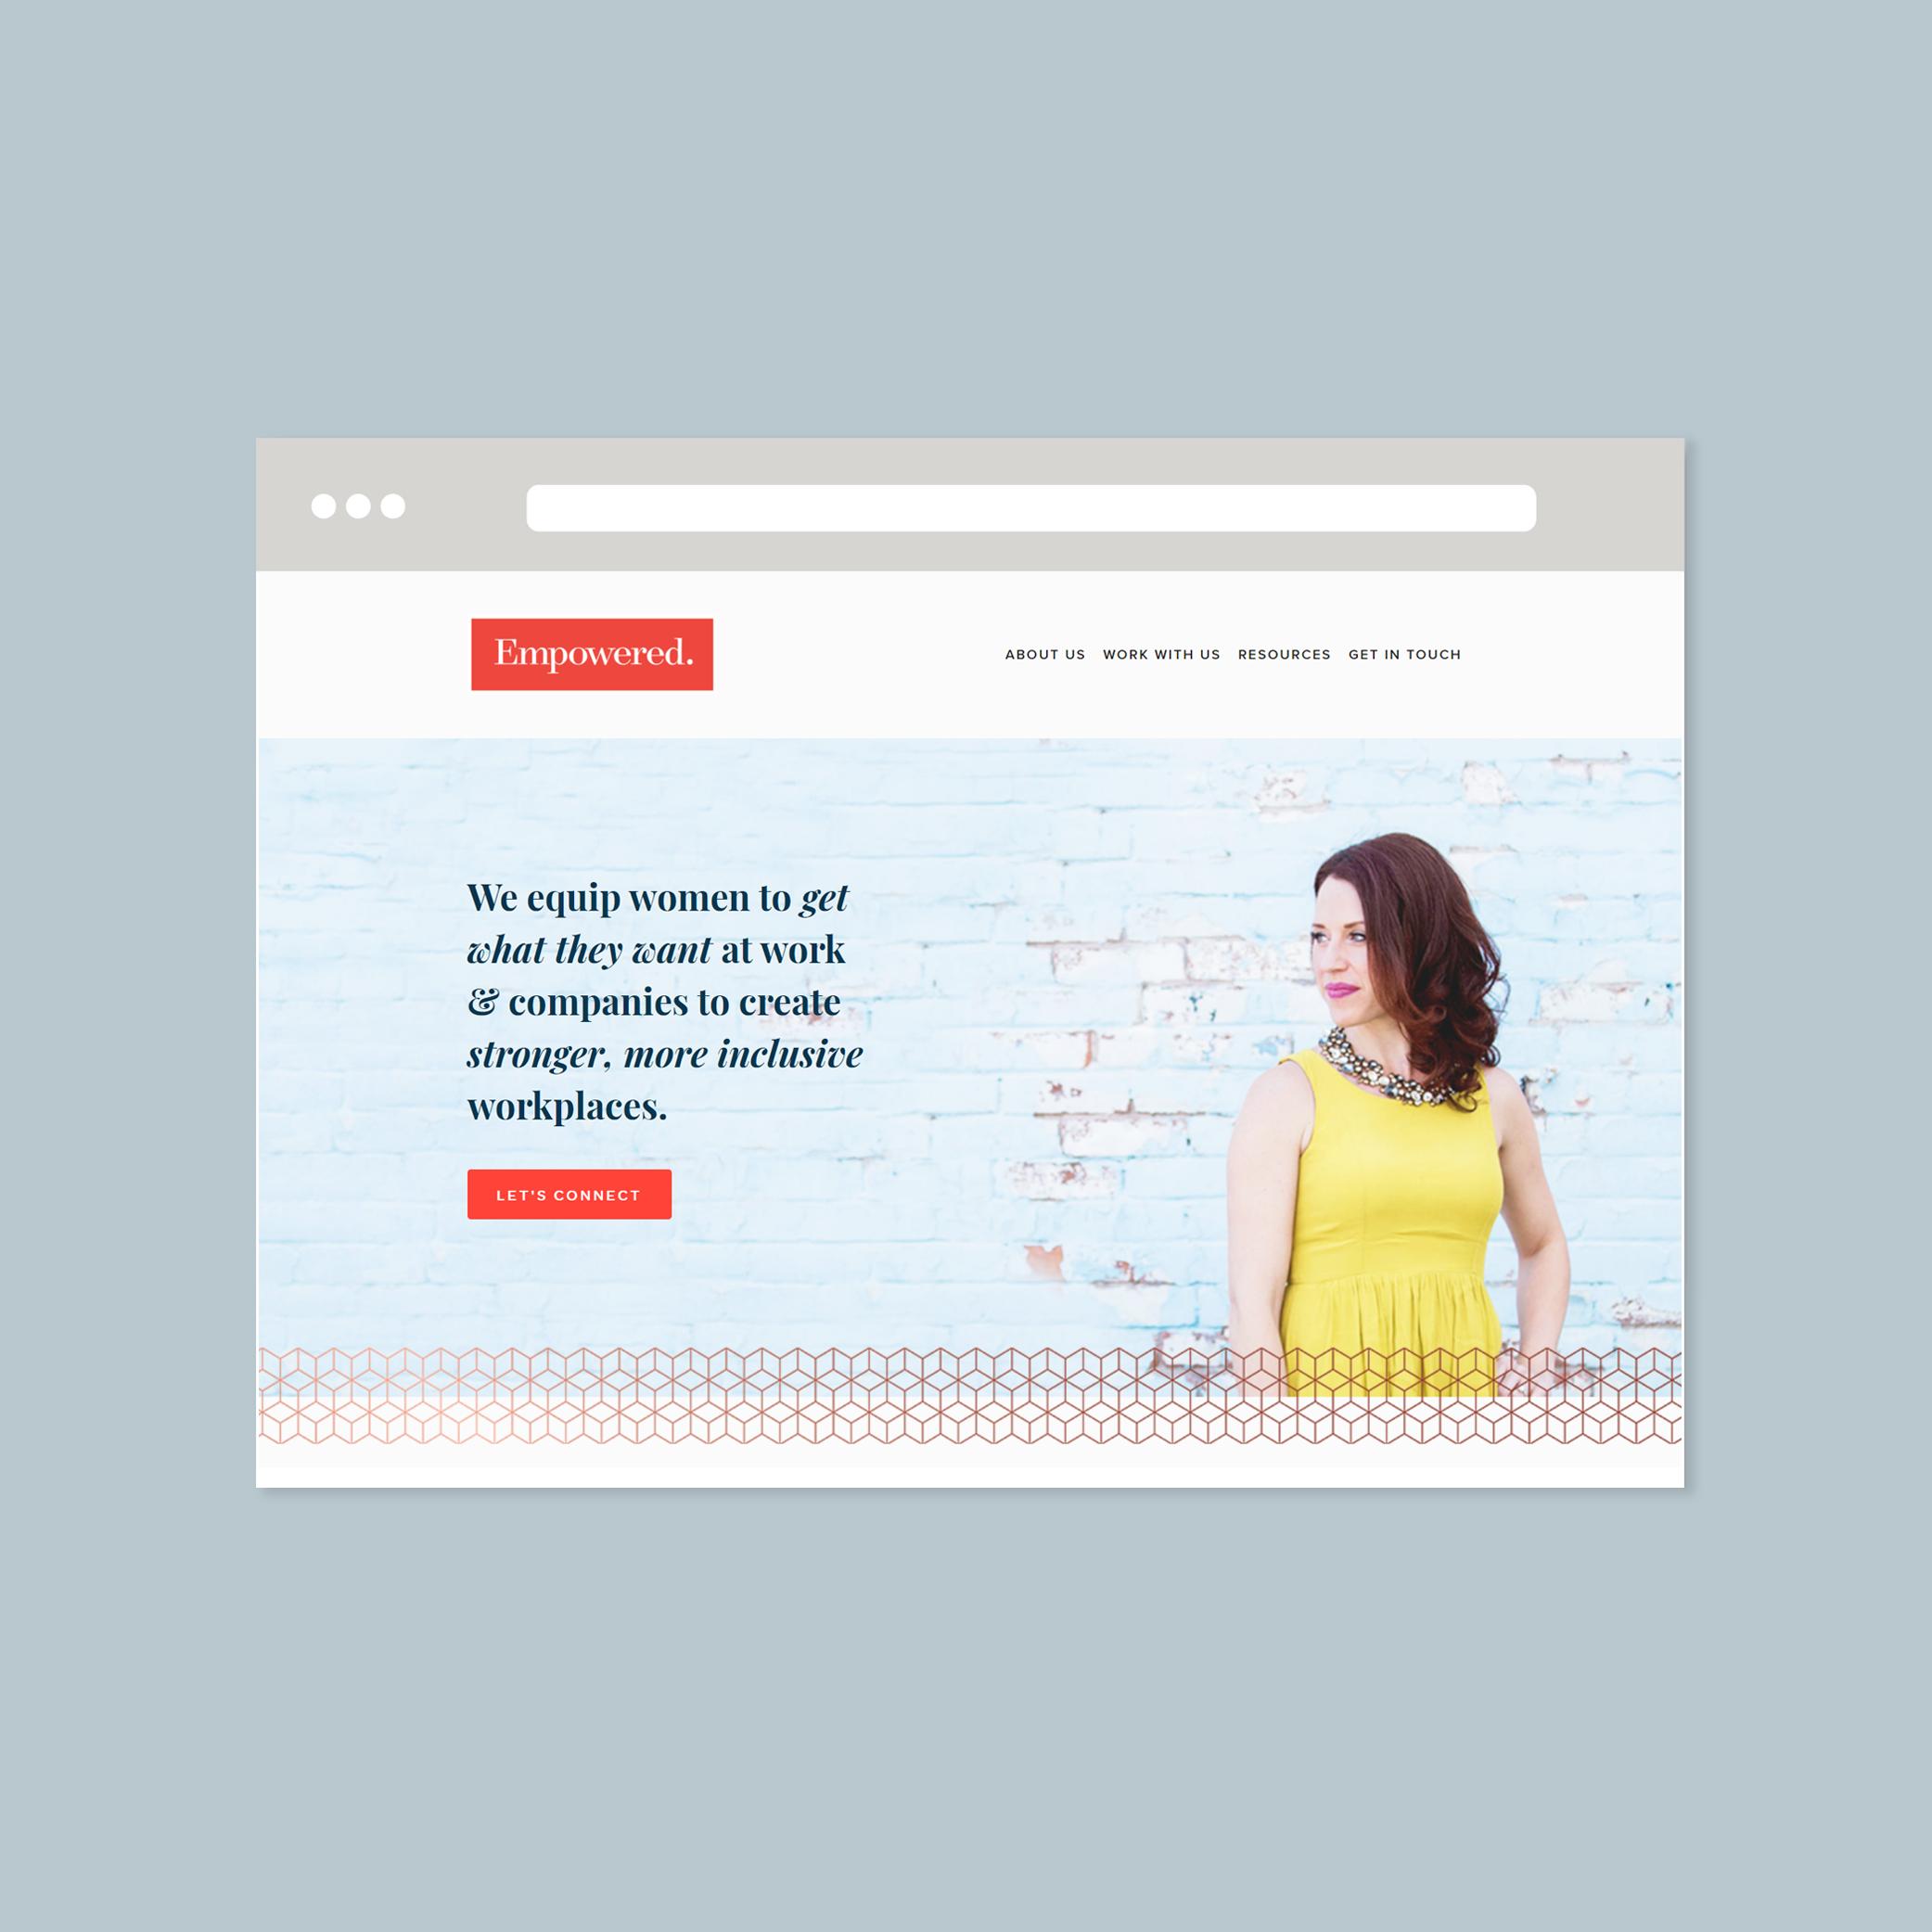 empowered-web-browser-balnk-mockup.png